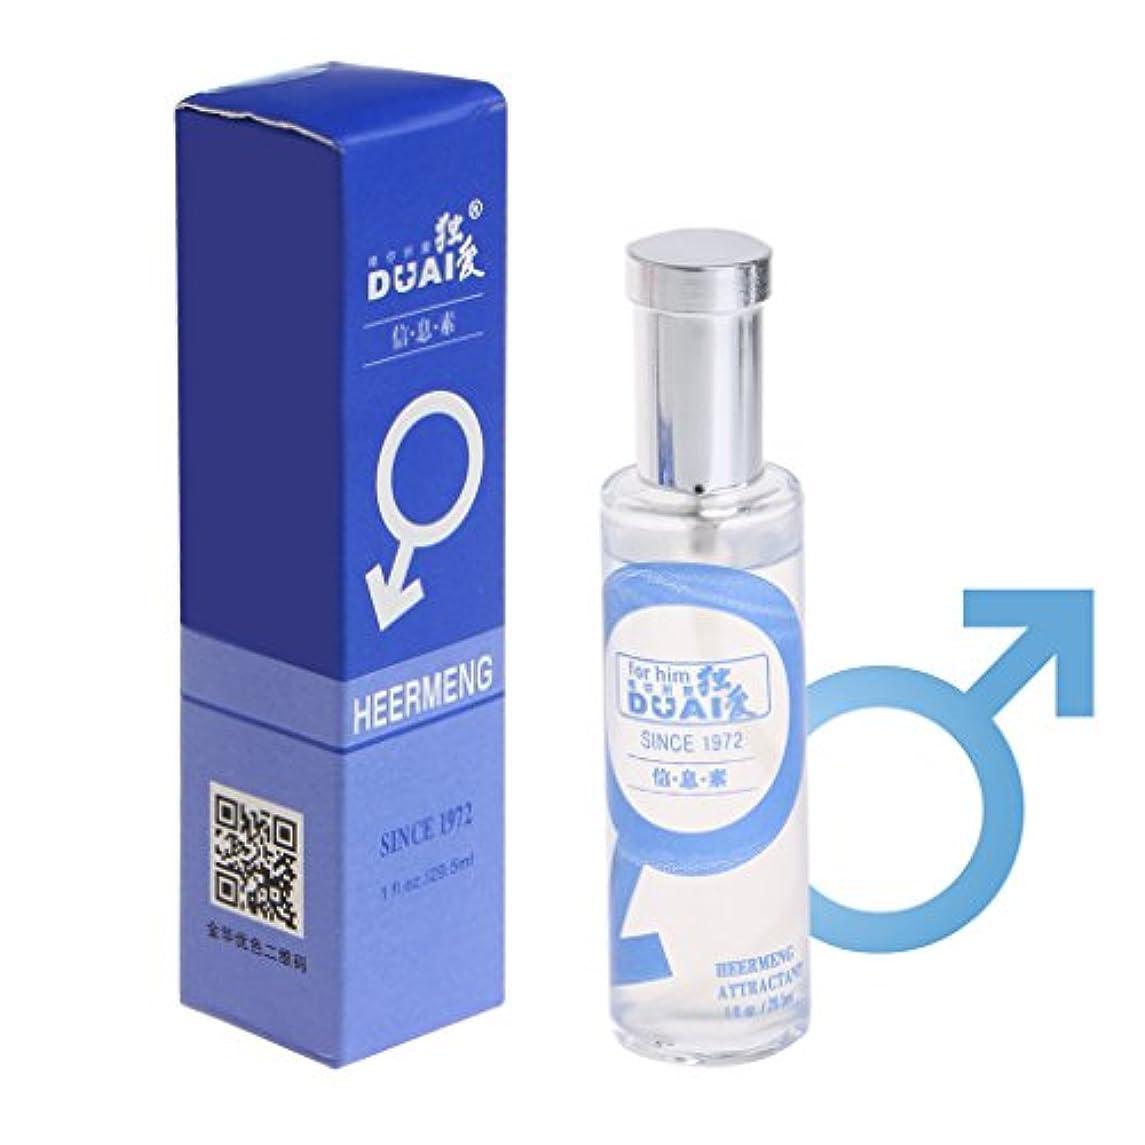 おばあさん外側人生を作るJAGETRADEセクシーな香水香水ボディスプレーオイルフェロモン男性の性のおもちゃのための媚薬の供給